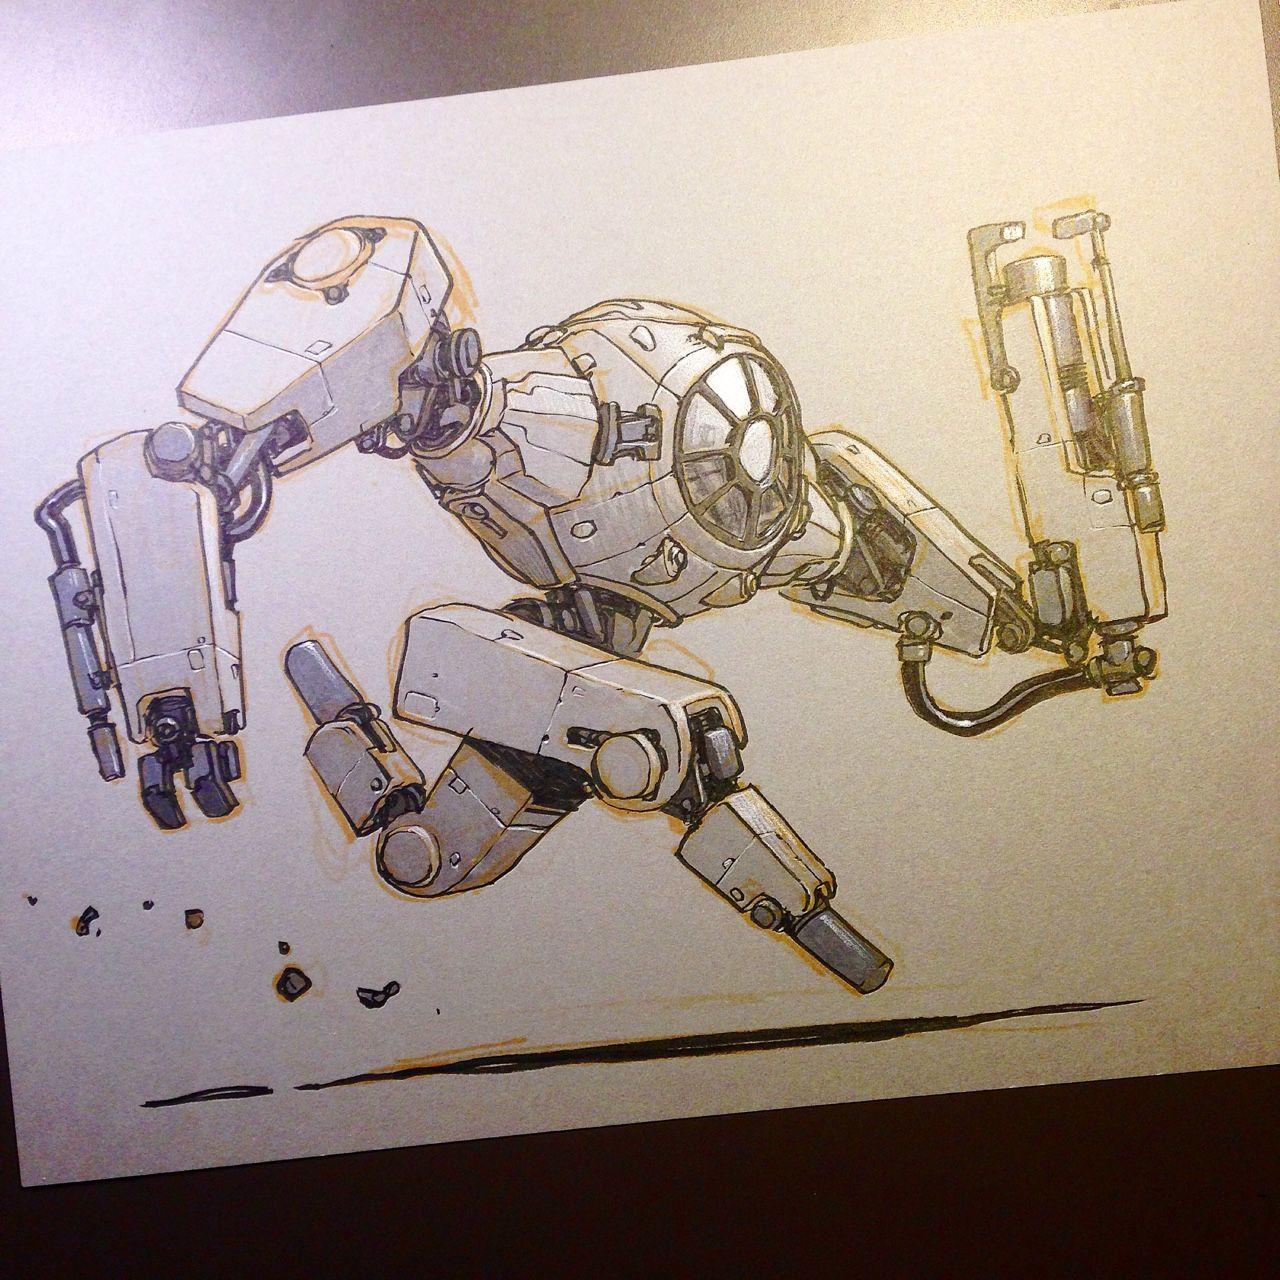 MR  JAKE PARKER | Sketches in 2019 | Robot concept art